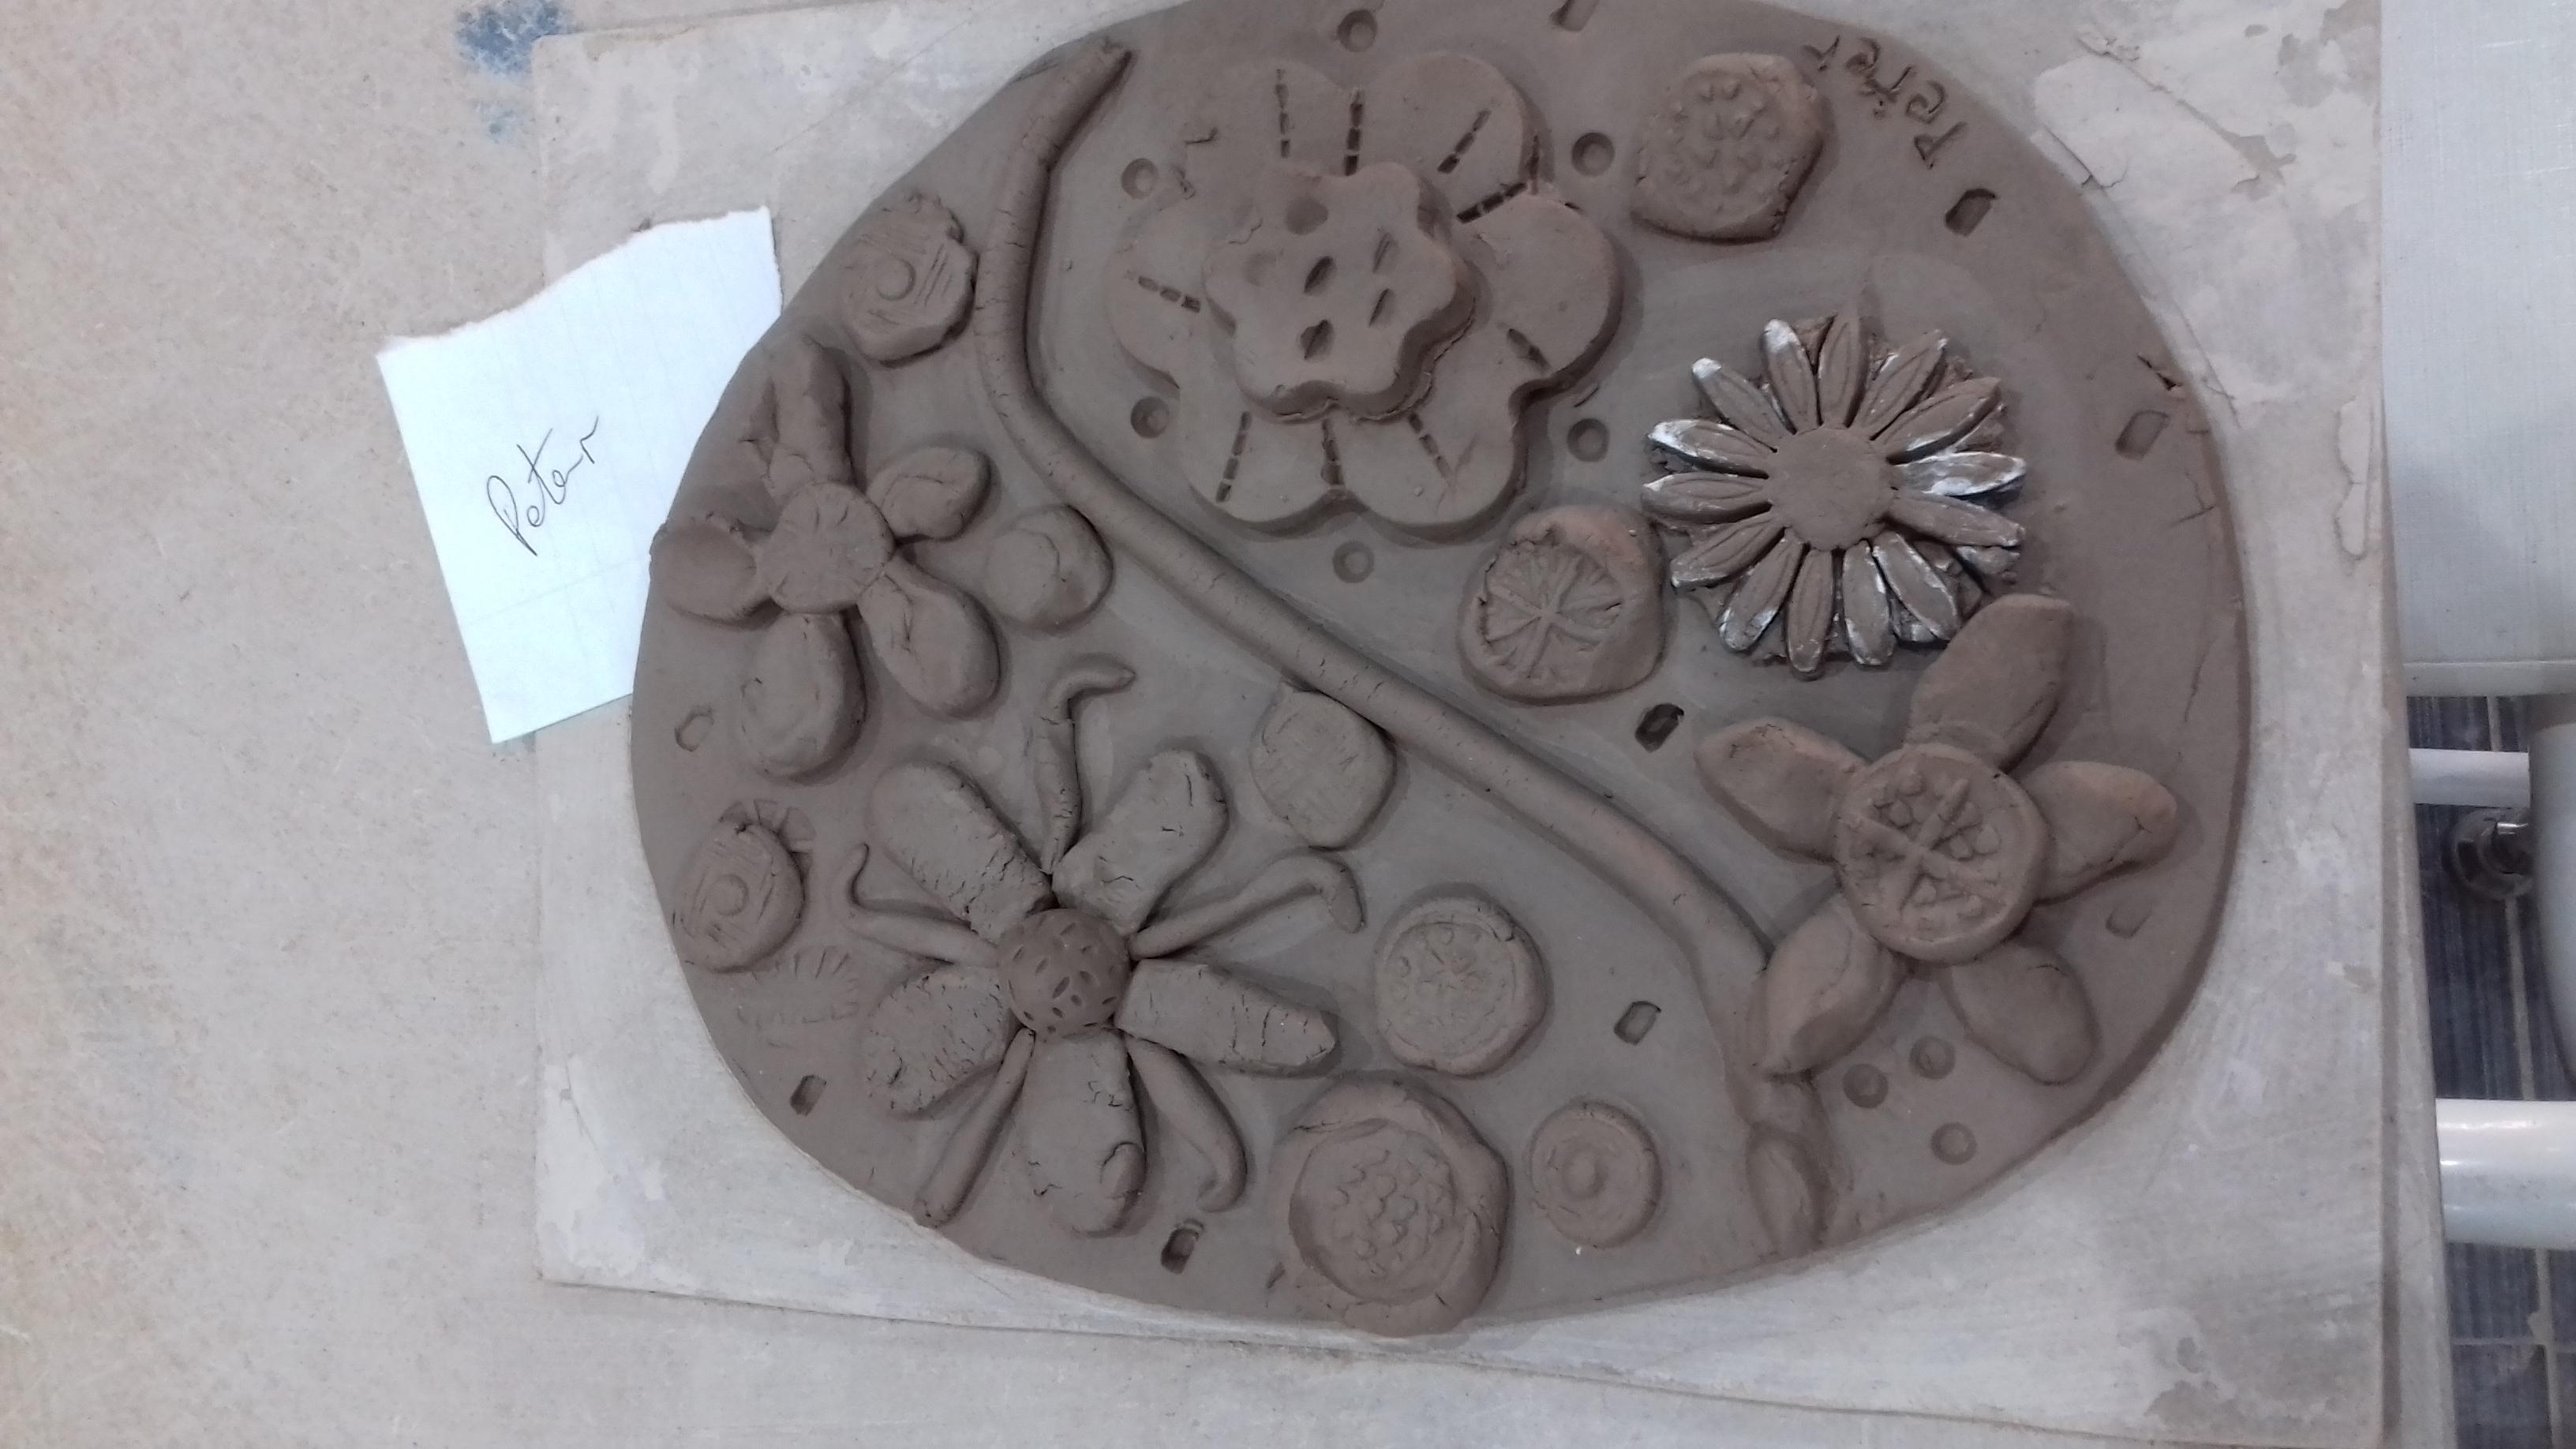 Peters plaque